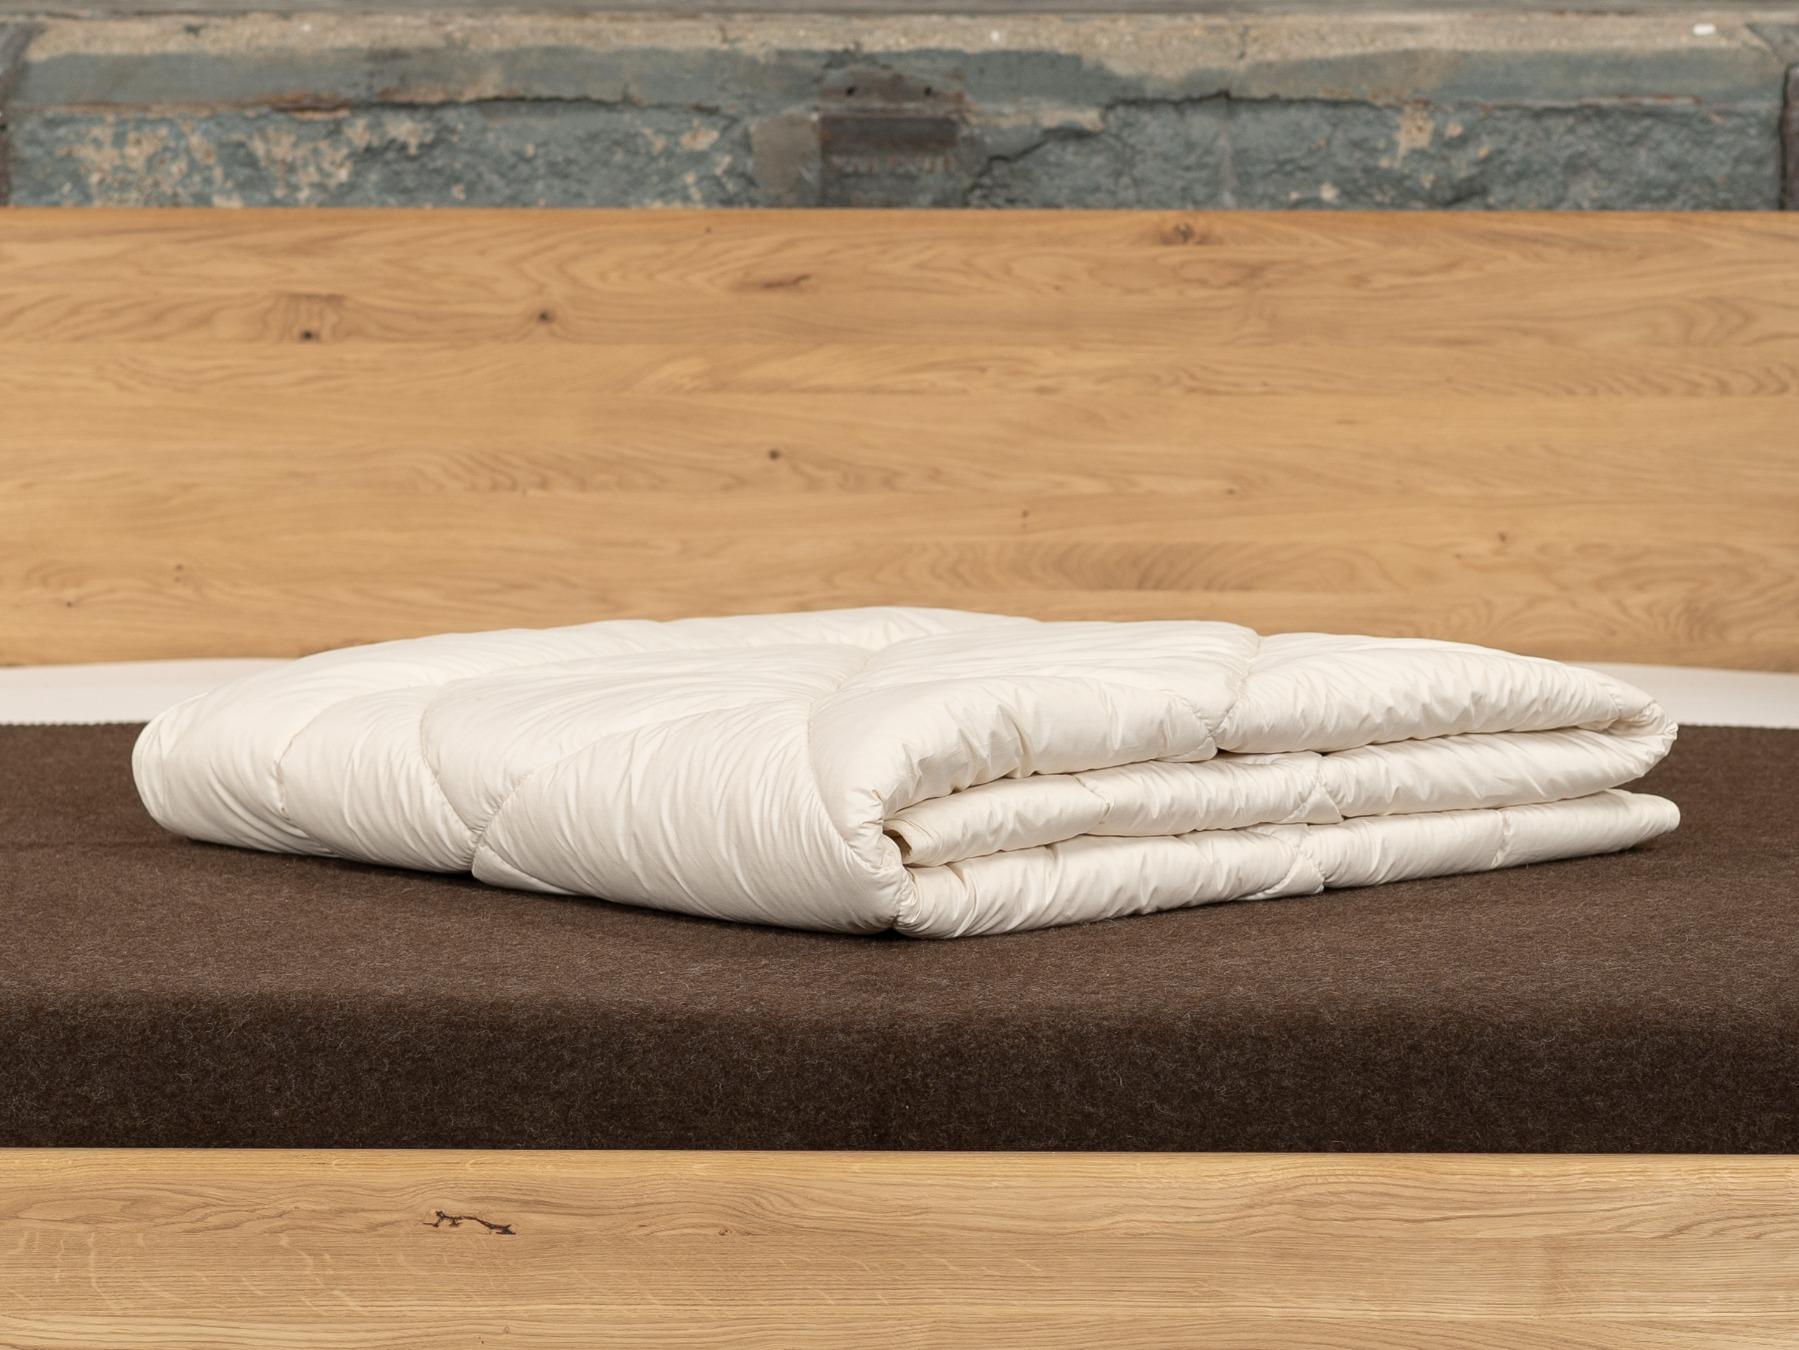 Leichte Bettdecke für warme Sommernächte oder bei geringem Wärmebedürfnis.